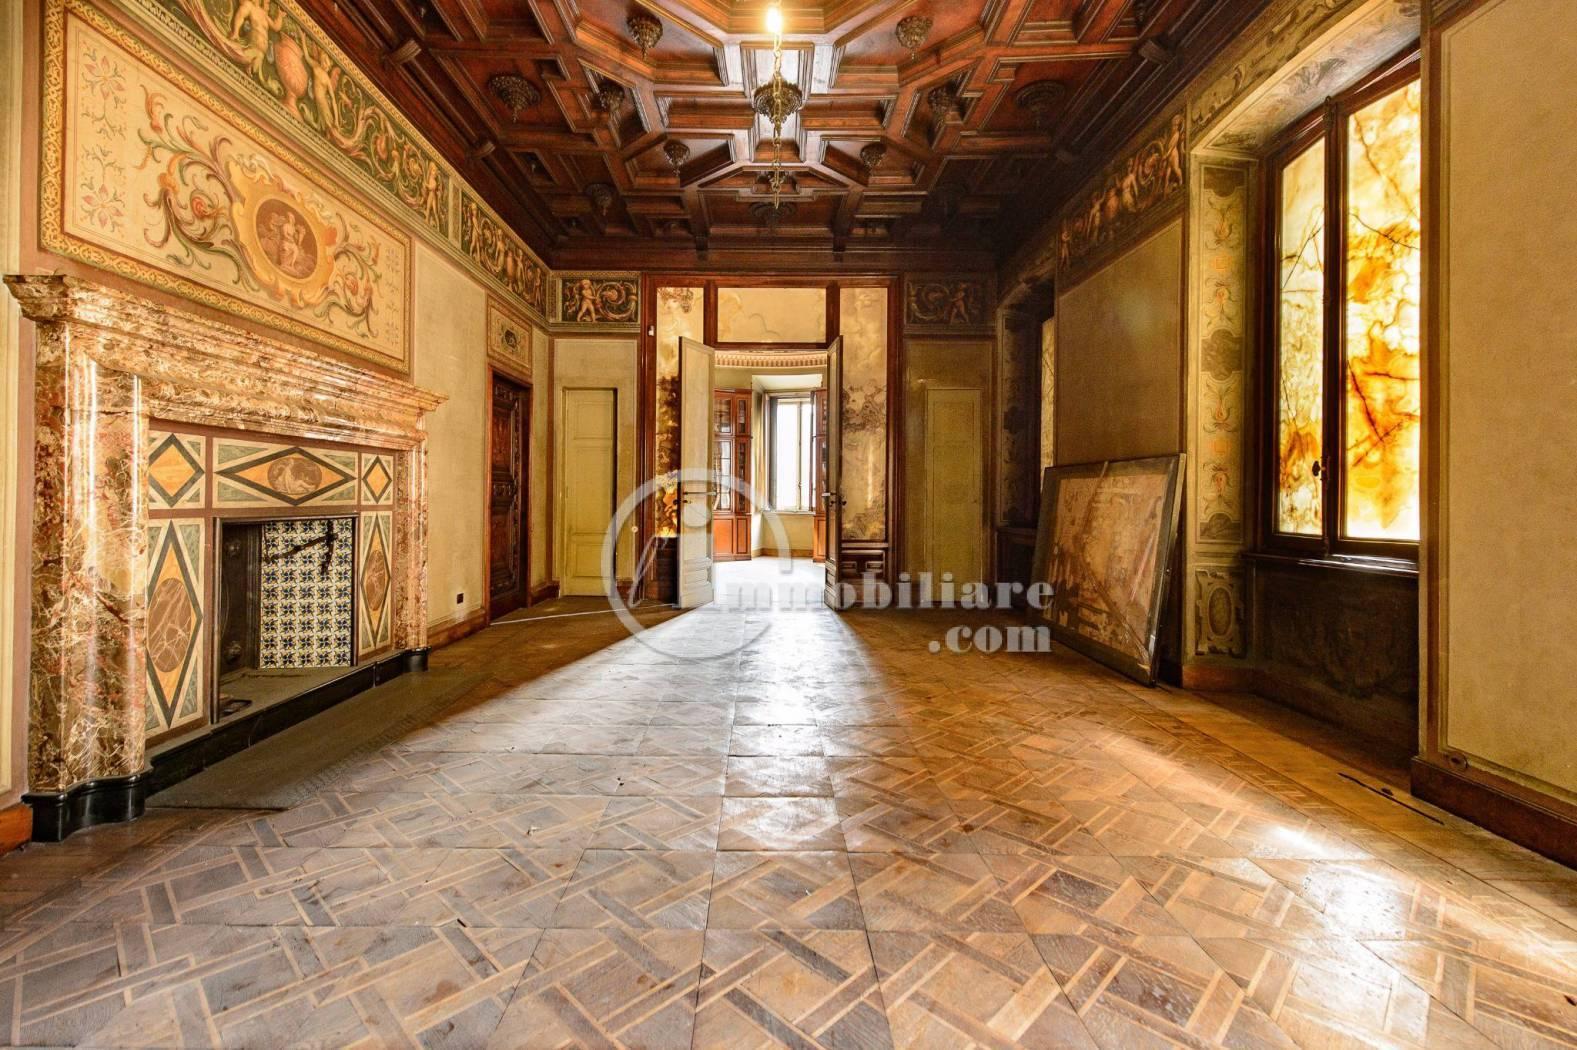 Ufficio-studio in Affitto a Milano 01 Centro storico (Cerchia dei Navigli): 5 locali, 750 mq